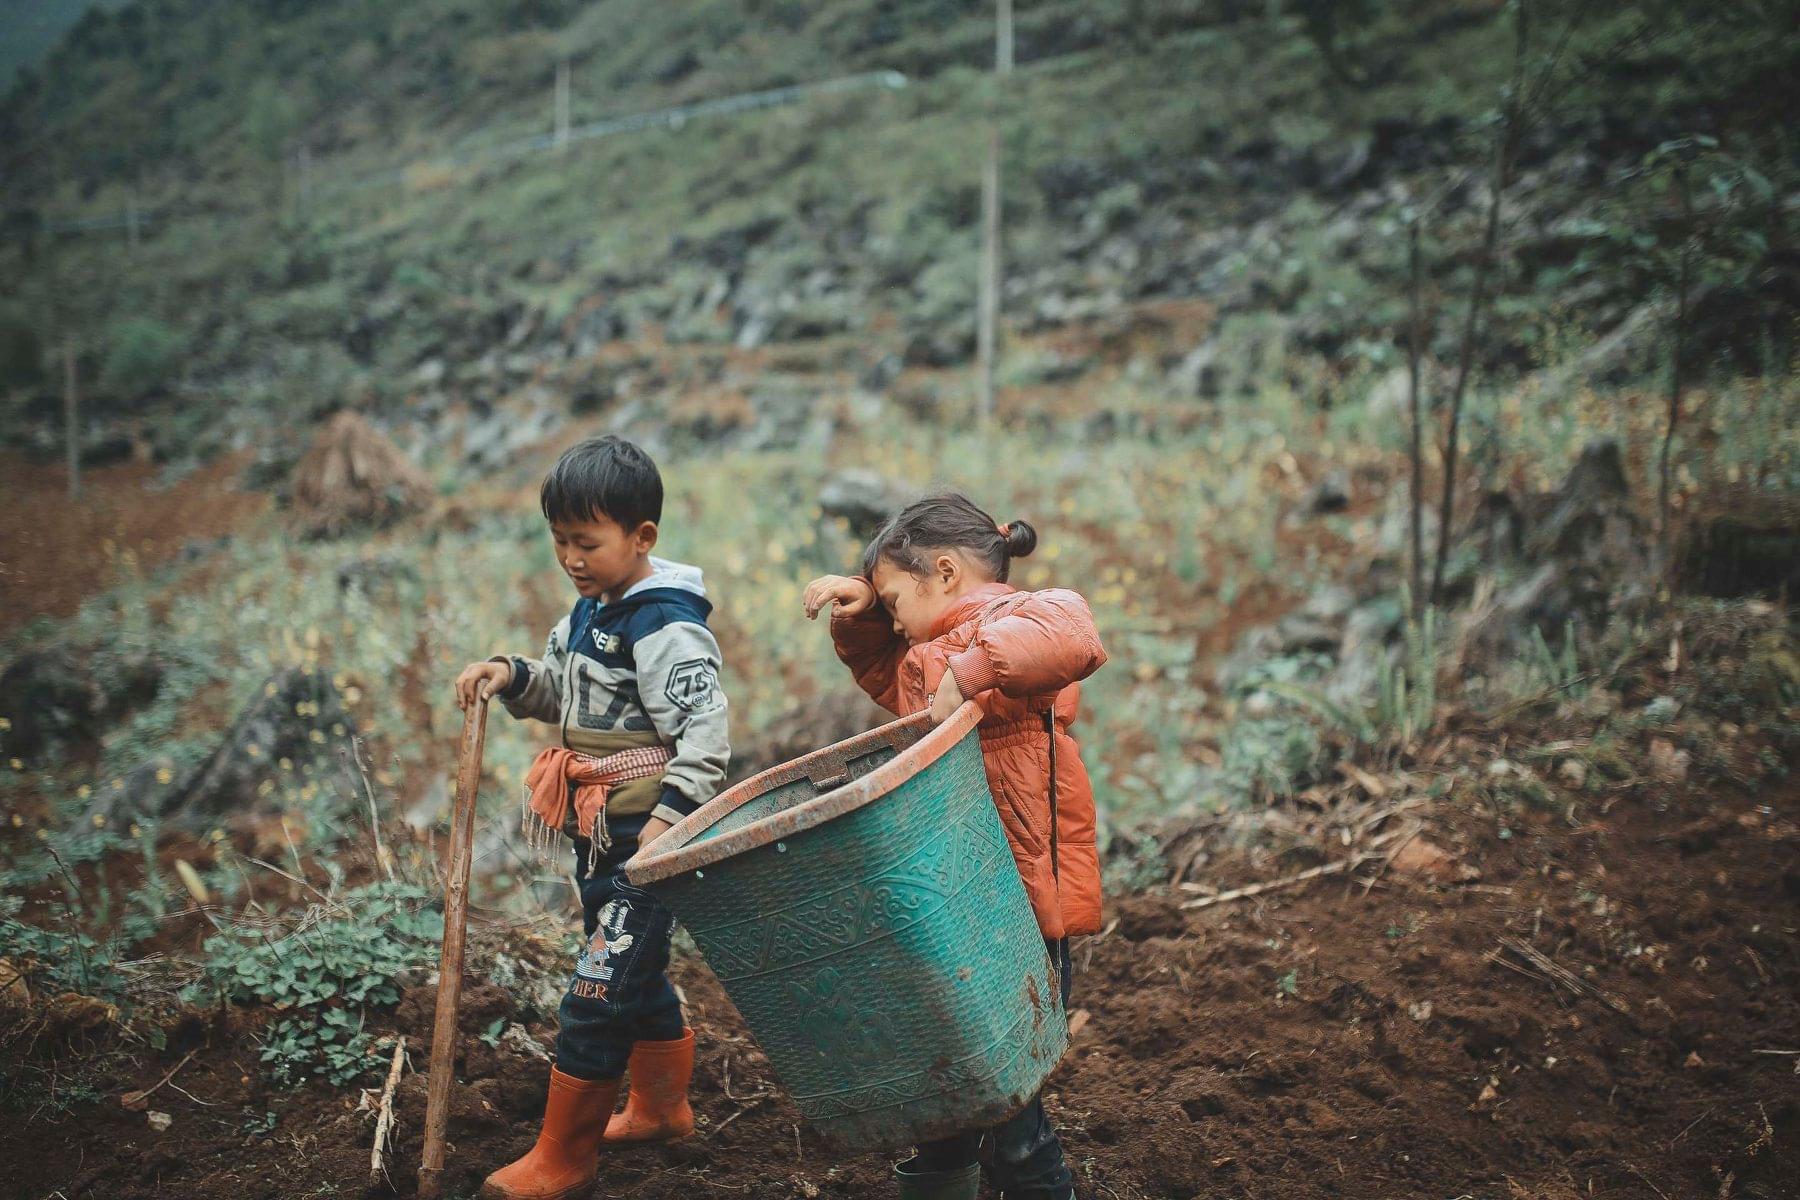 2 bé HMông cặm cụi cuốc đất, gieo hạt phụ bố mẹ và nụ cười khiến bao người tan chảy - Ảnh 3.